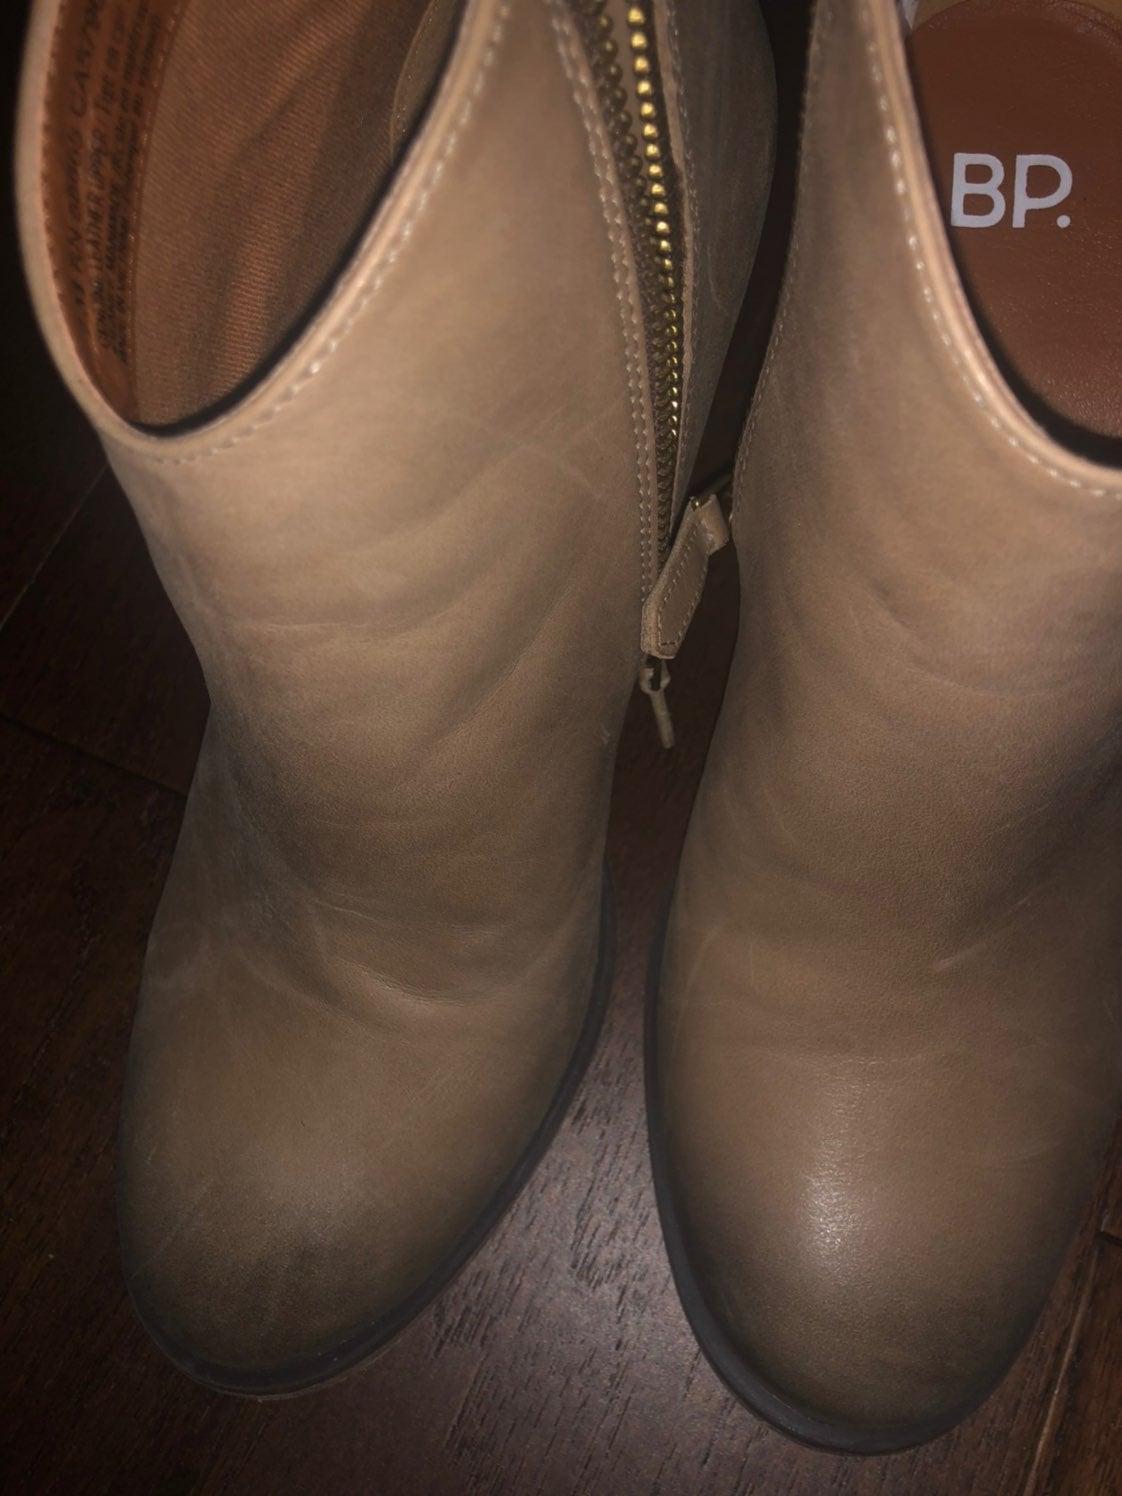 Nordstrom BP boots